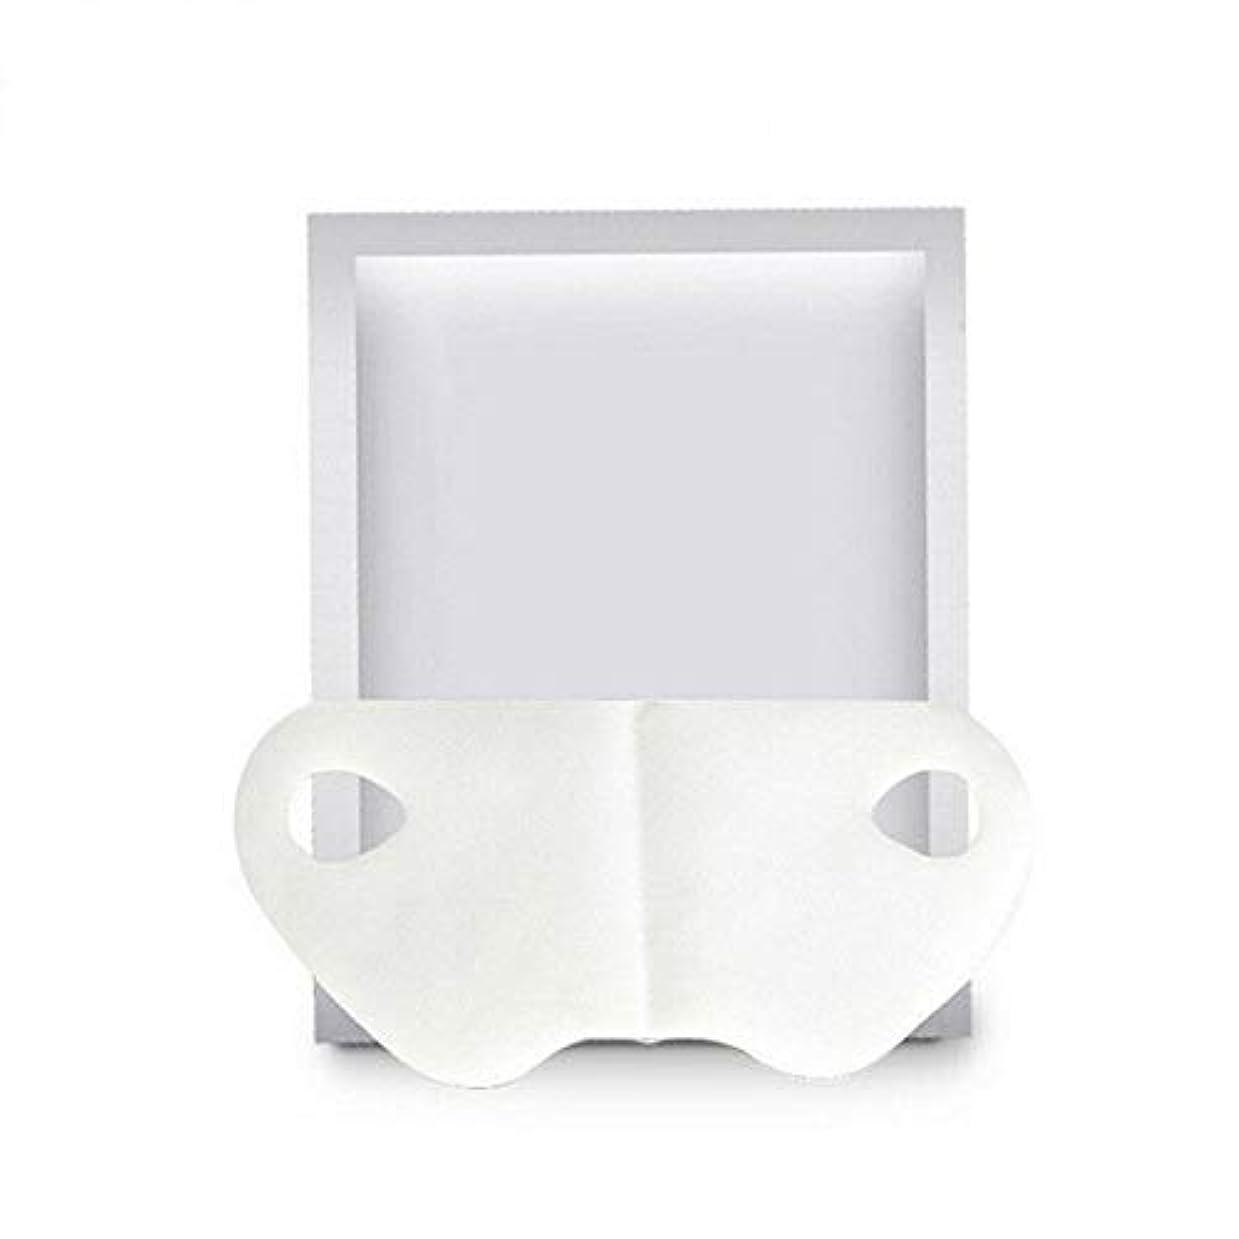 デンマーク語彫刻汚れたAylincool   保湿フェイスファーミングマスクをホワイトニングするV字型スリミングフェイスマスク